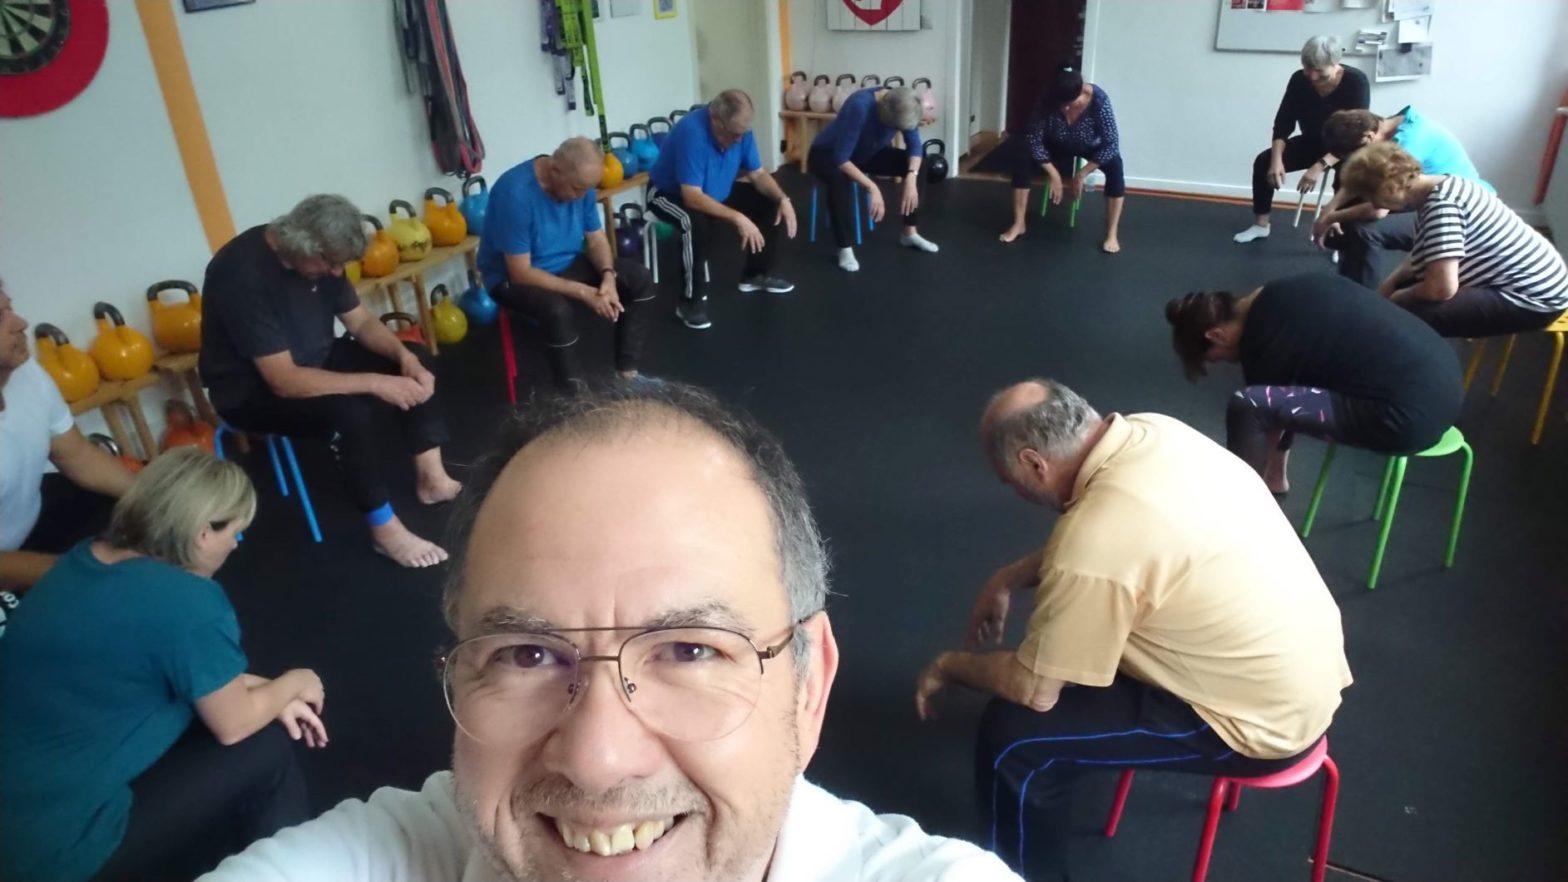 hockergymnastik-rehasport